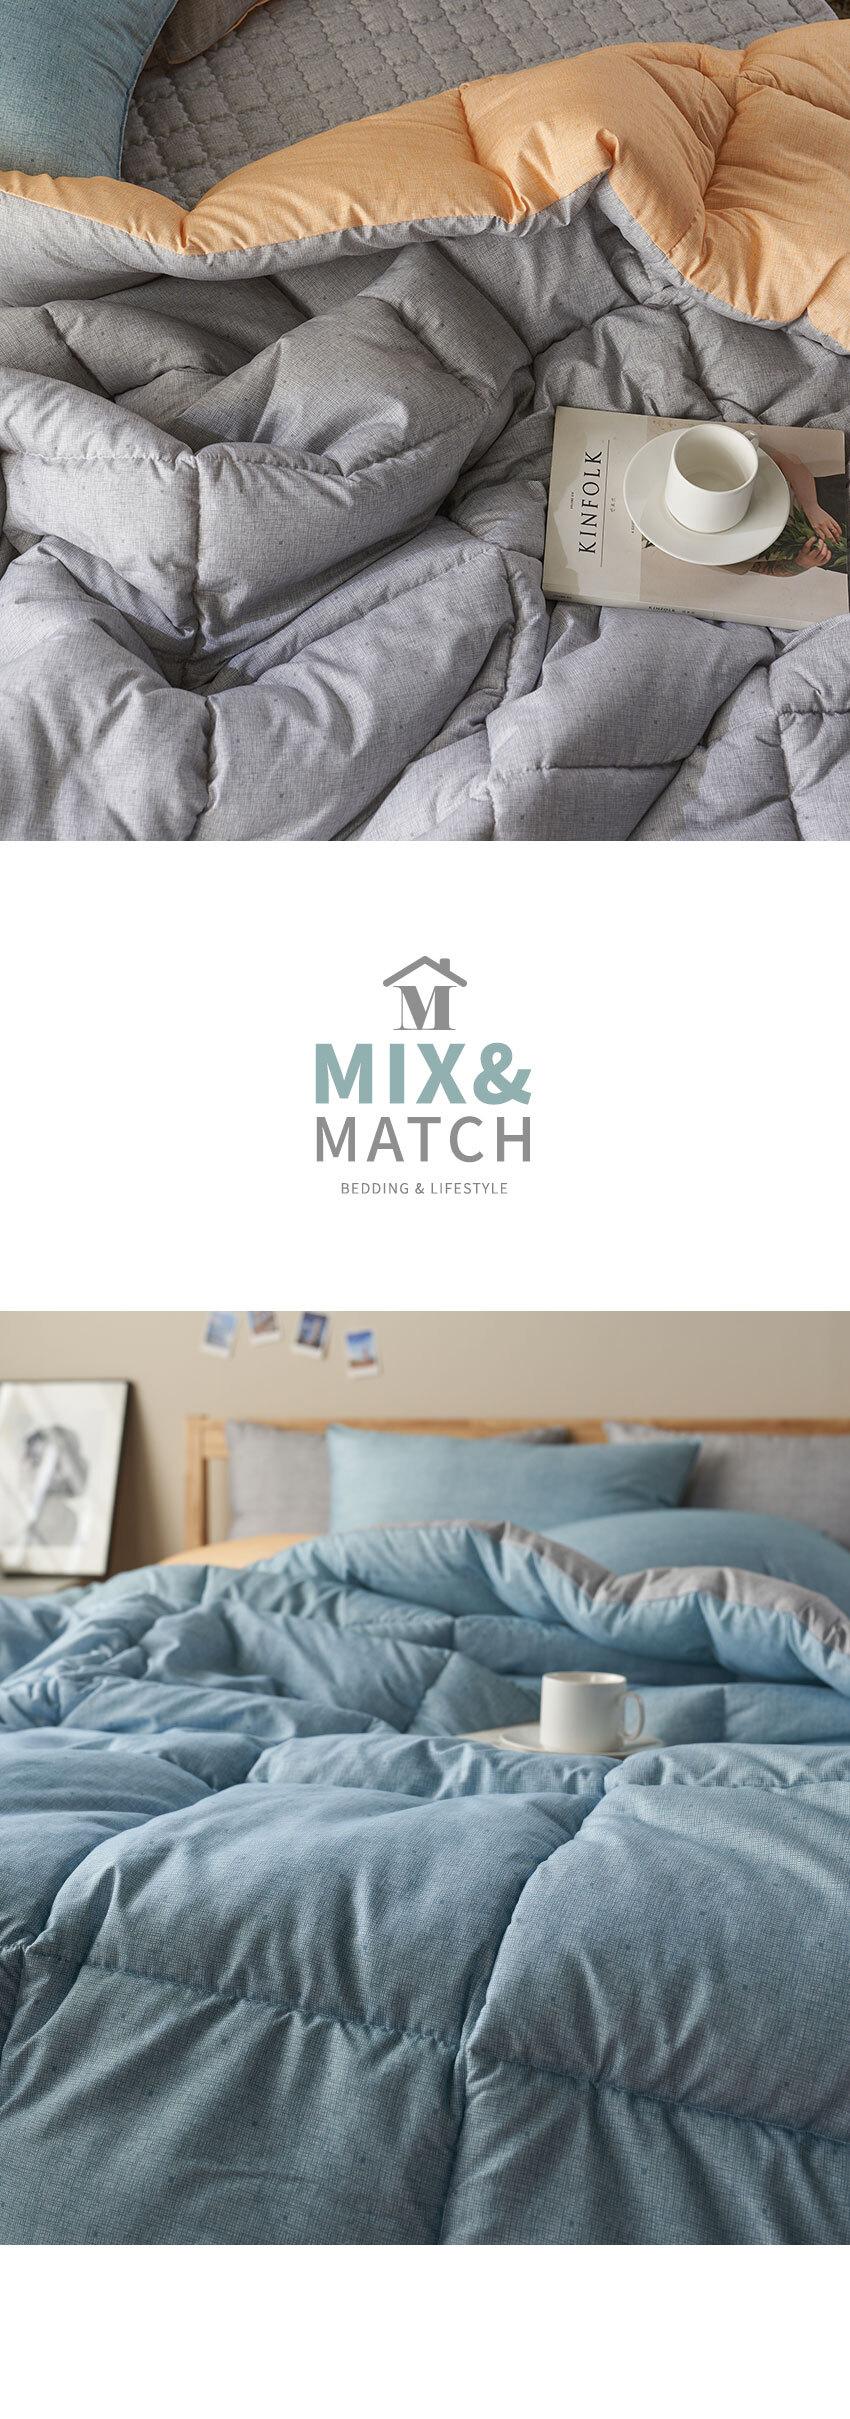 minicheck_bed_01.jpg